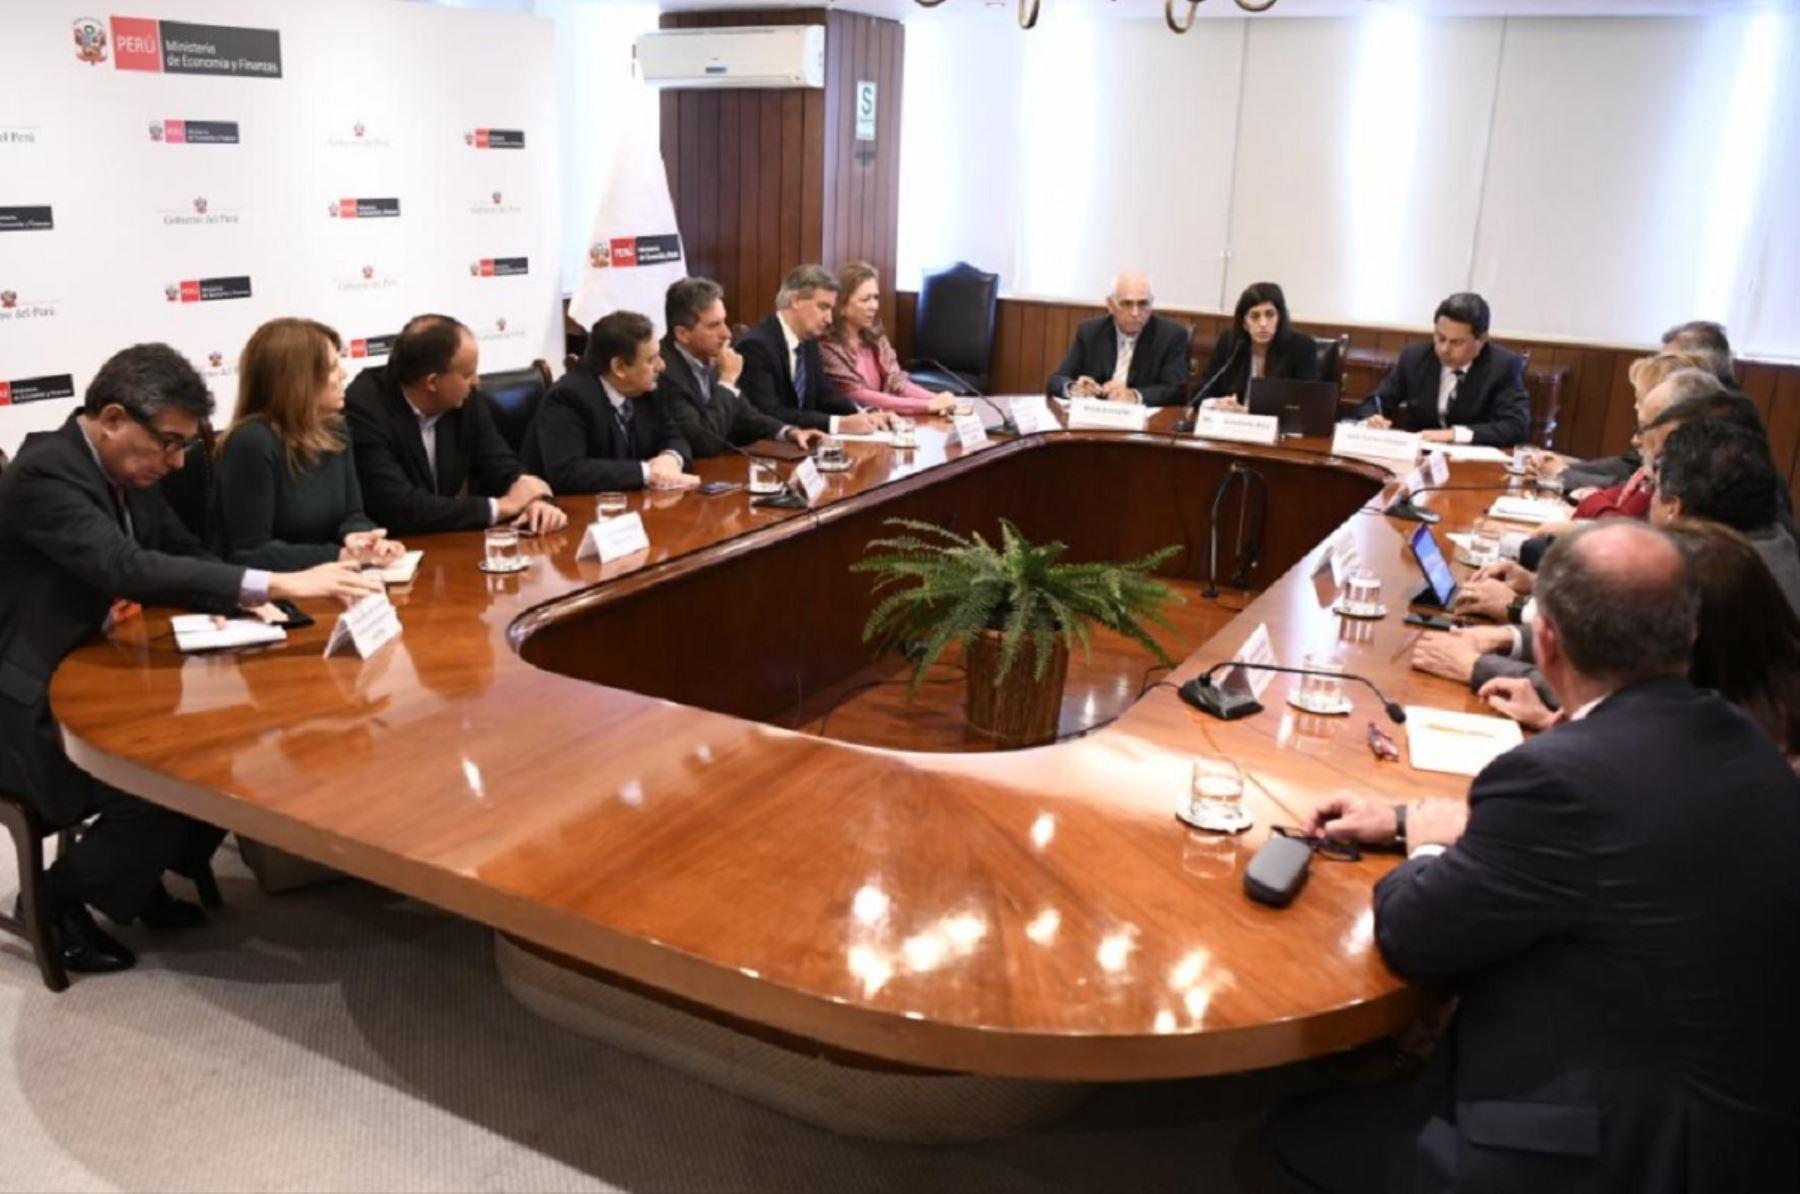 Reunión de la ministra de Economía y Finanzas, María Antonieta Alva con gremios empresariales. Foto: Cortesía.